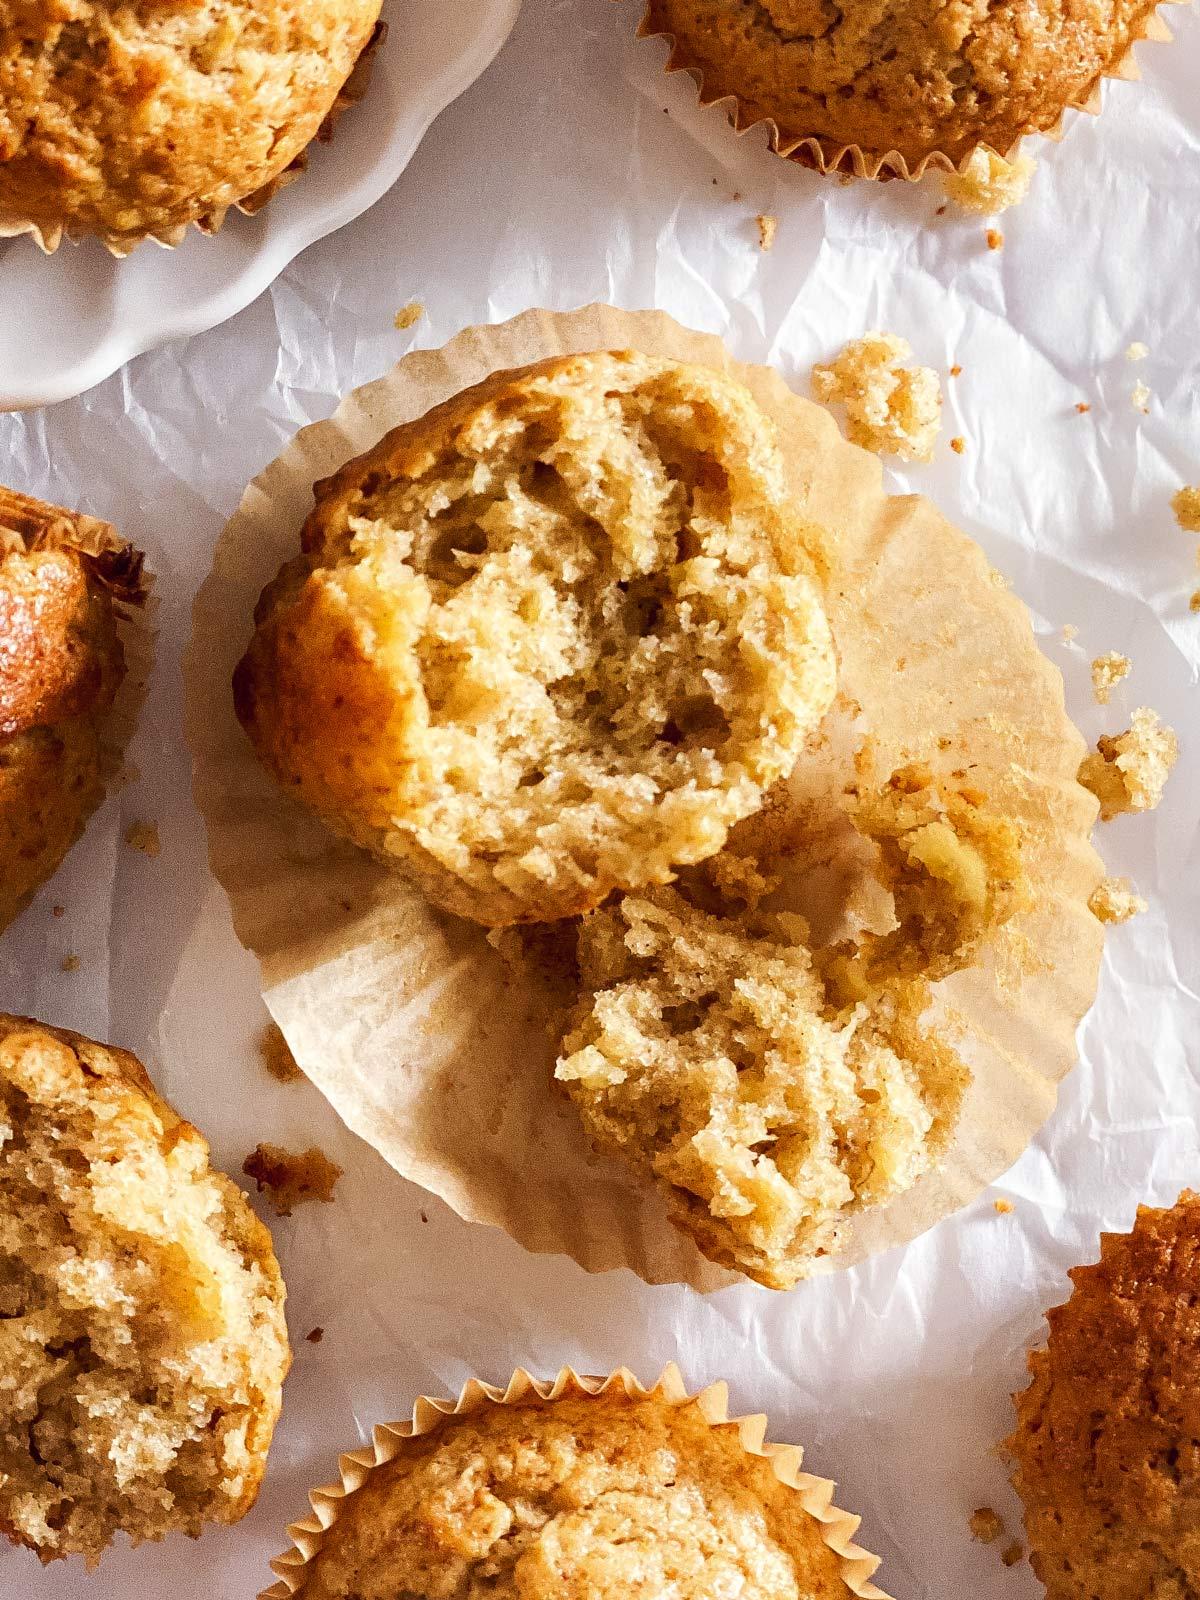 angebrochener Bananenmuffin auf einem Muffinpapier